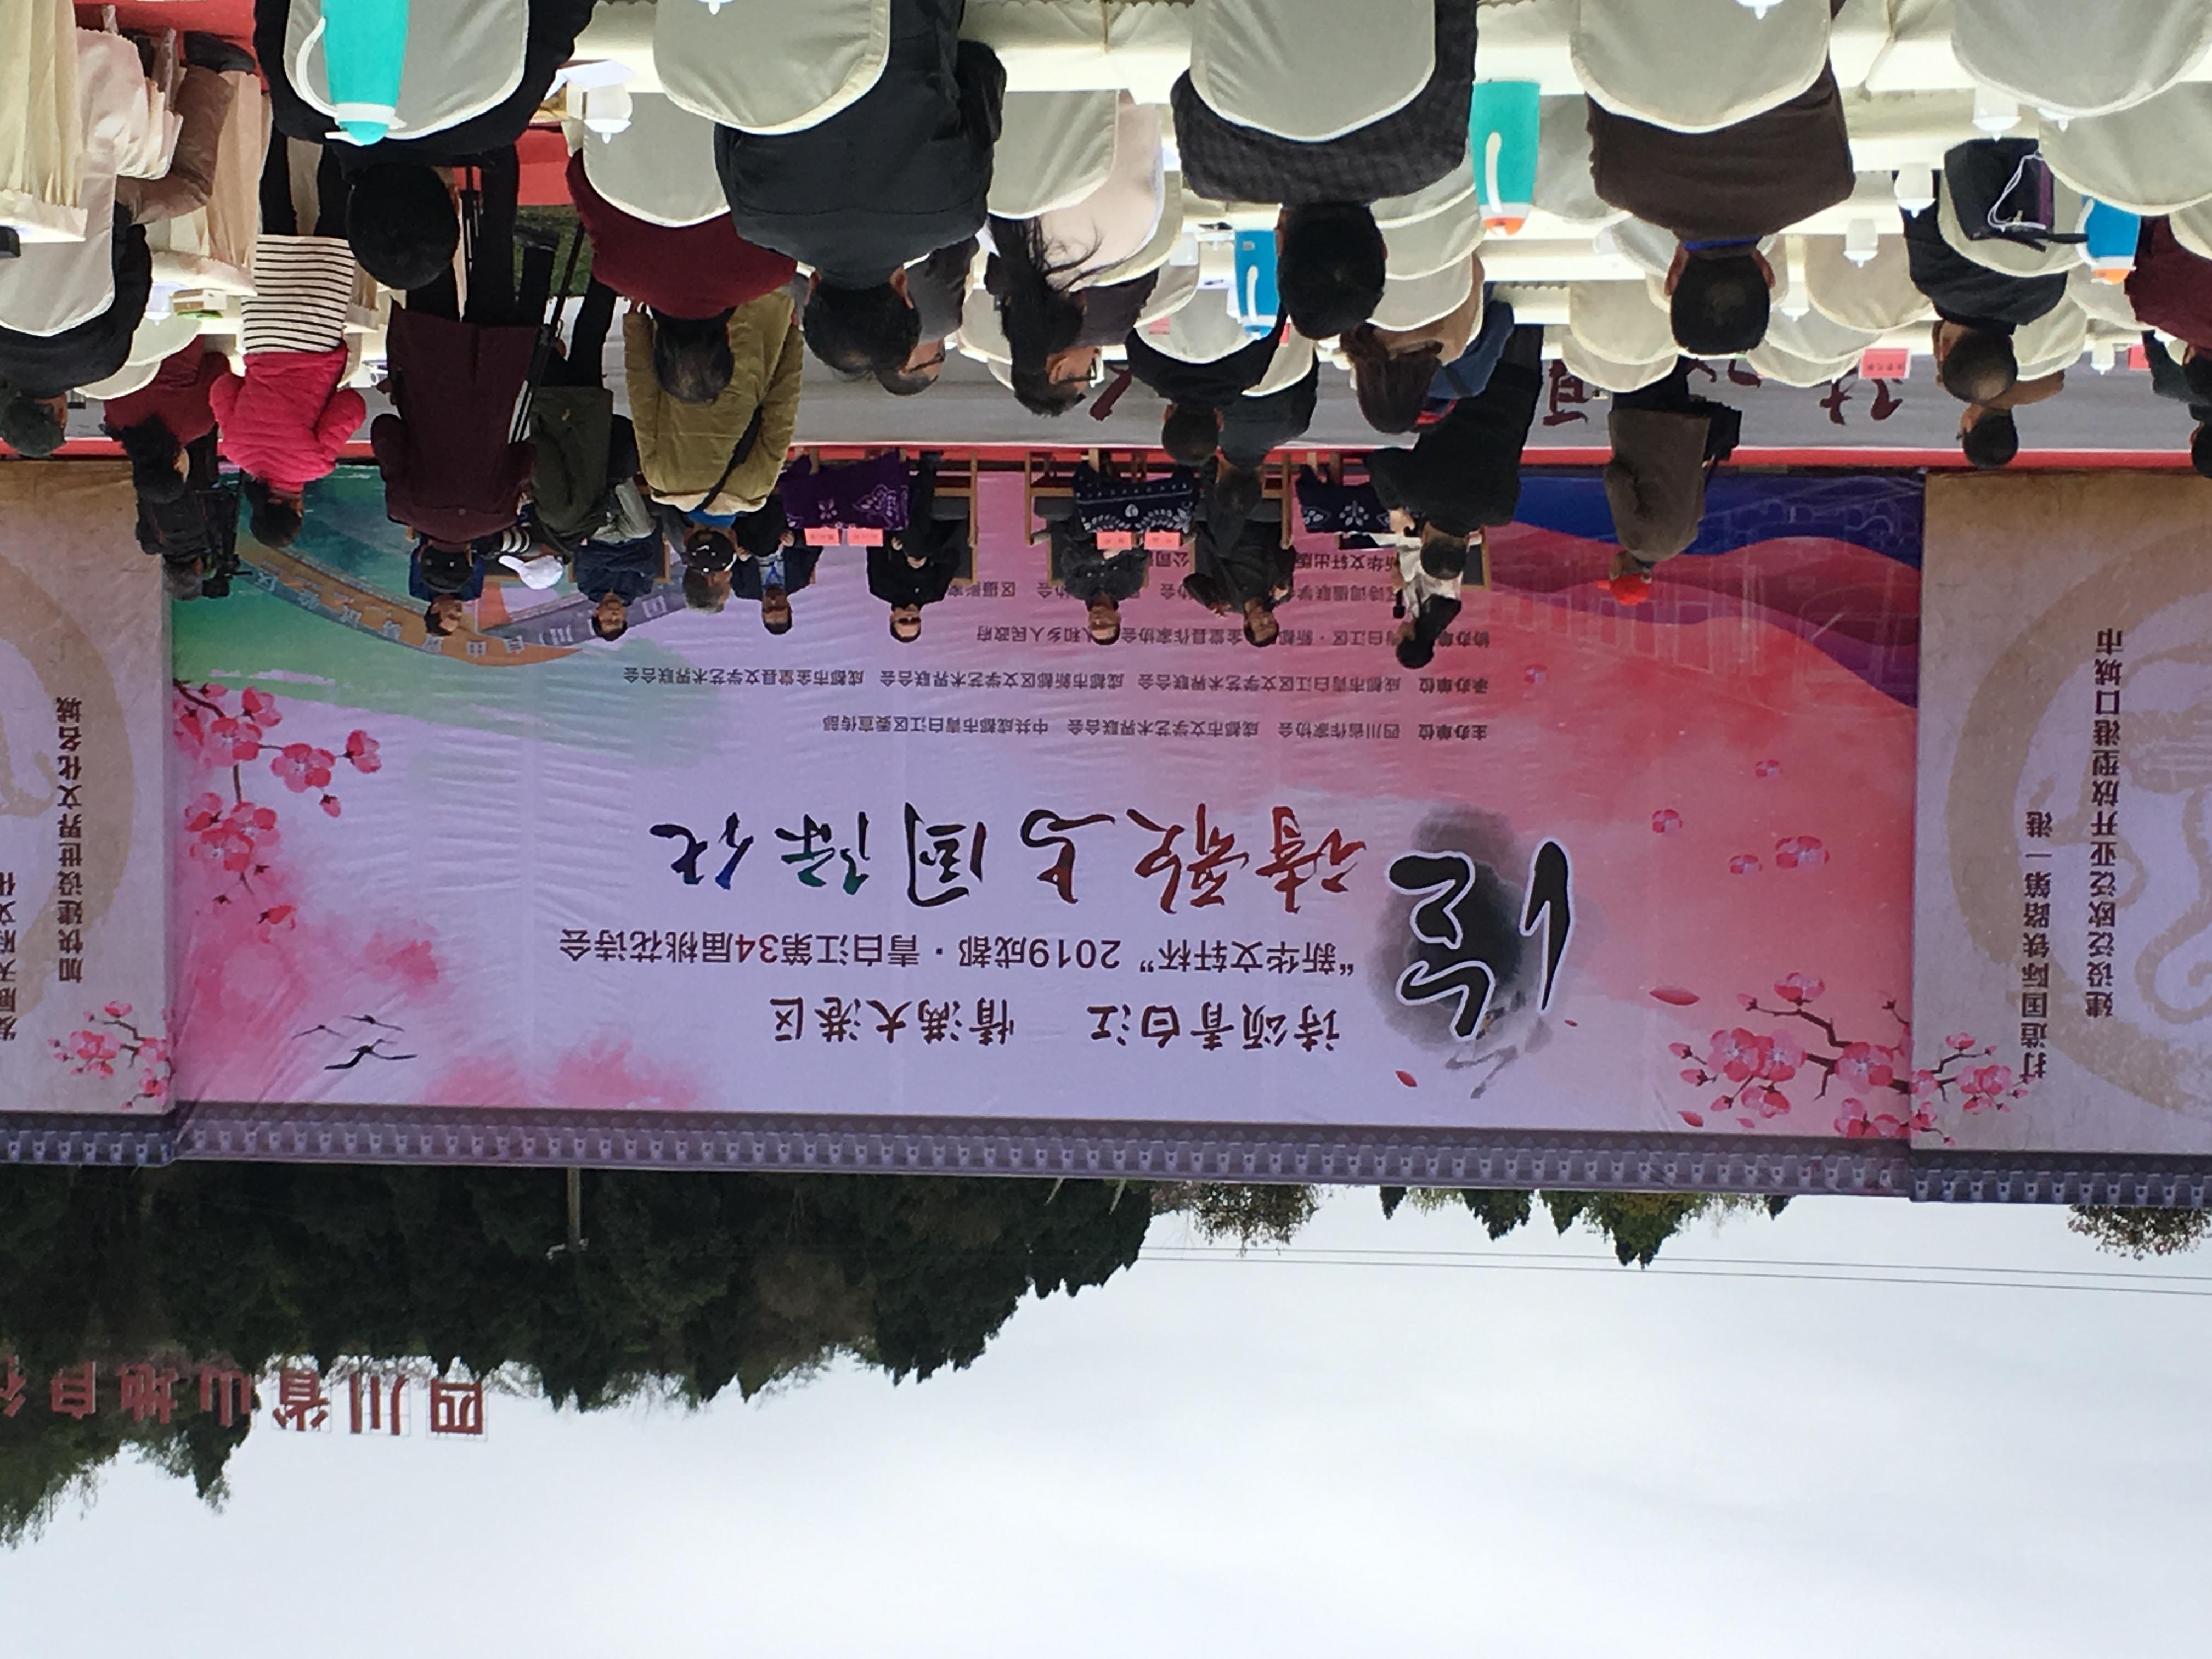 青白江区举行第34届桃花诗会